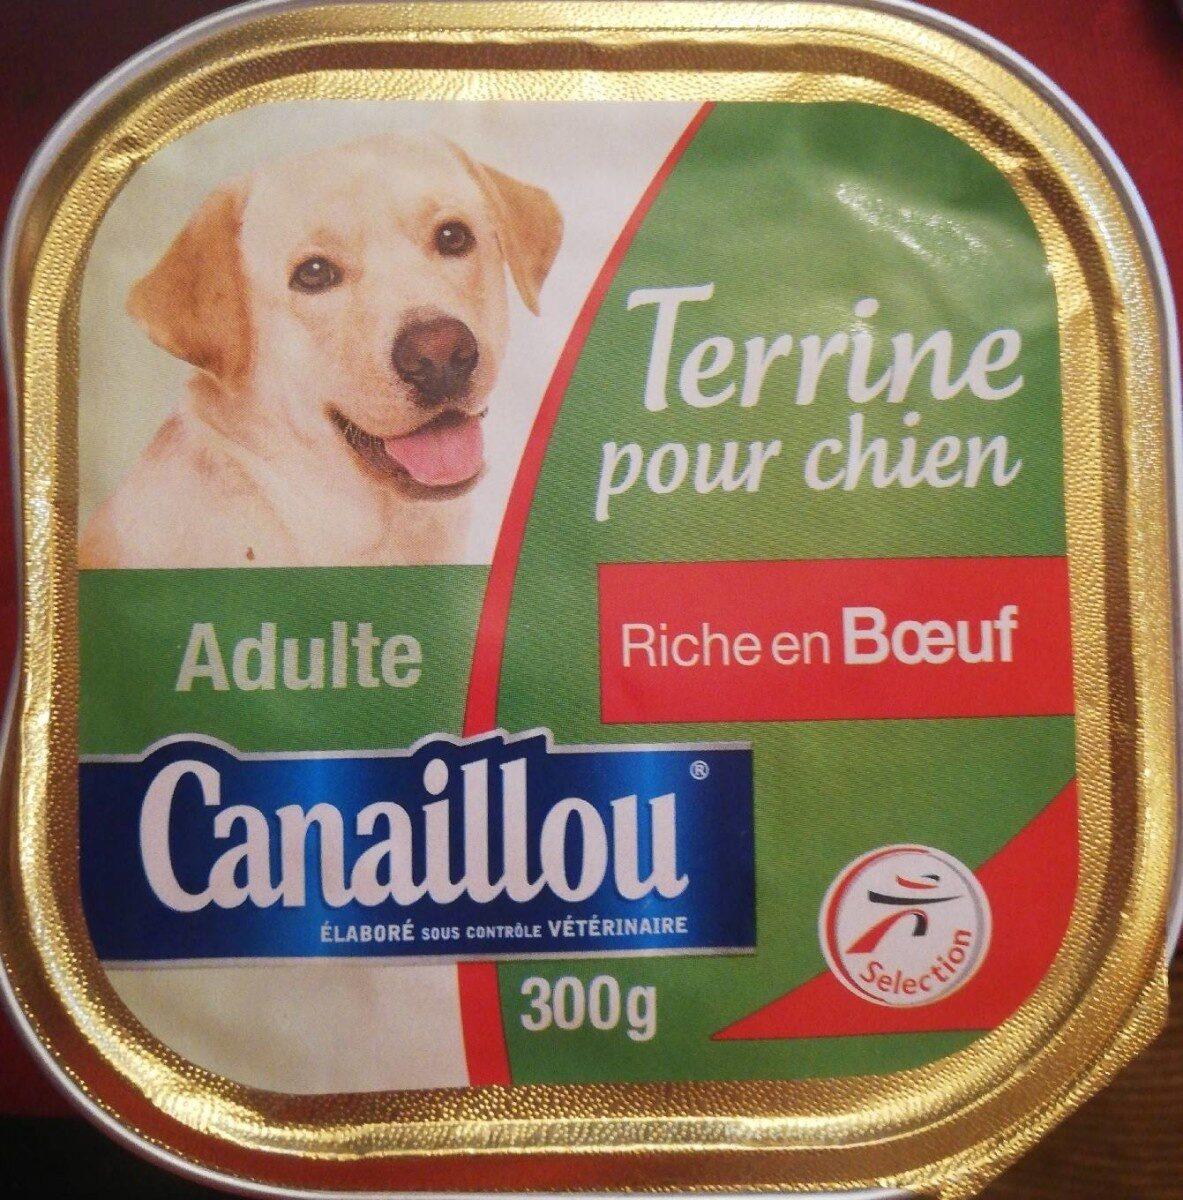 Terrine pour chien riche en boeuf - Product - fr